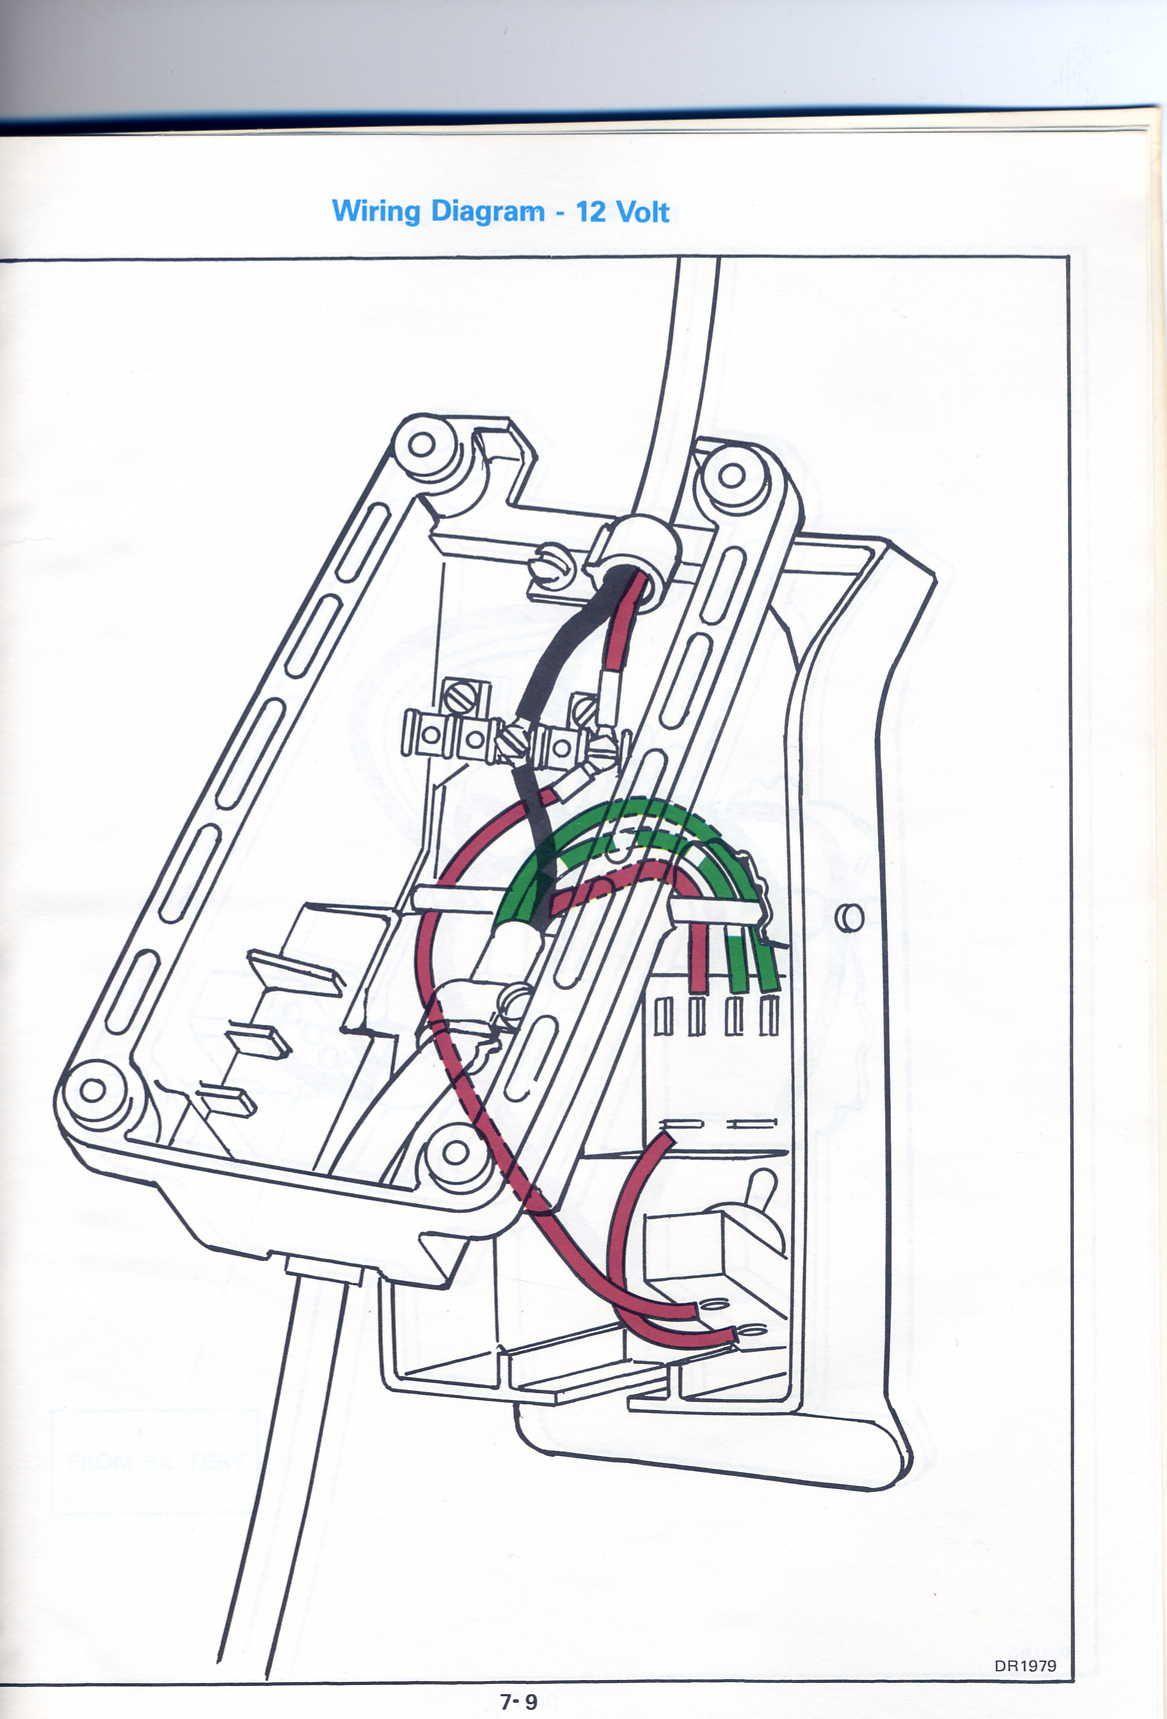 motorguide trolling motor wiring diagram trying to repair a friendstrolling motor foot pedel wiring diagram  [ 1167 x 1719 Pixel ]